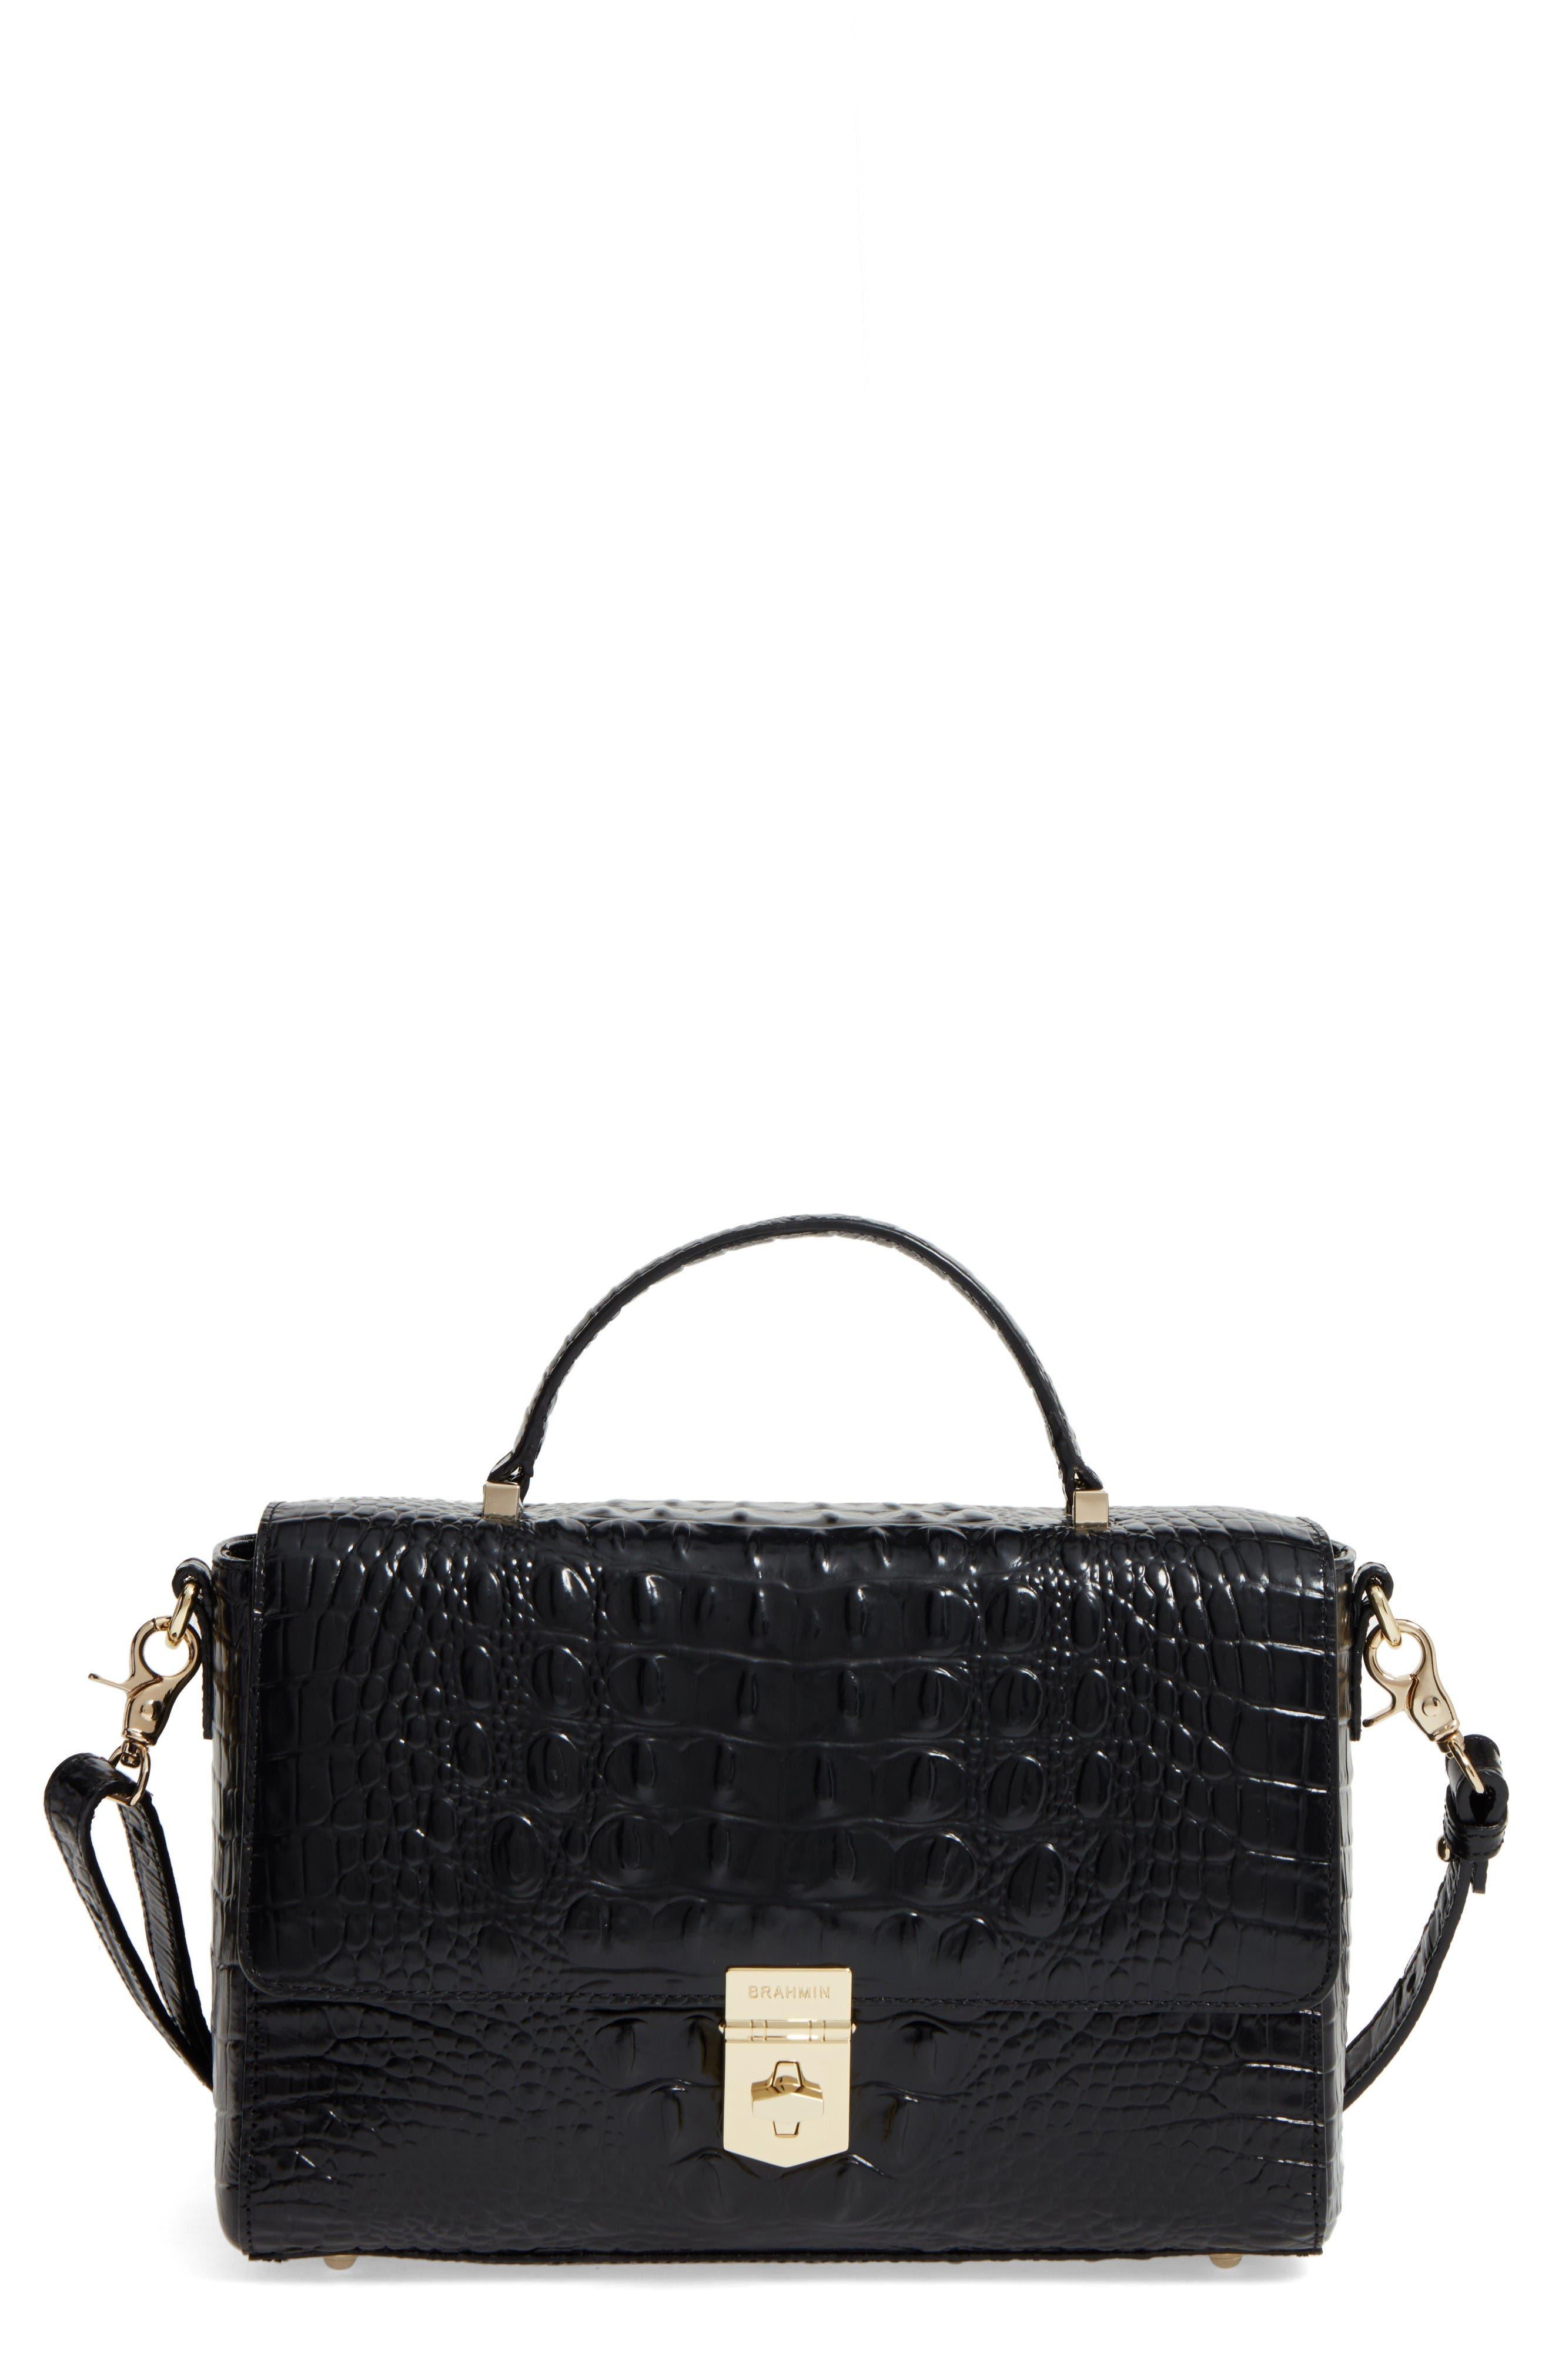 Danielle Leather Top Handle Satchel,                             Main thumbnail 1, color,                             Black